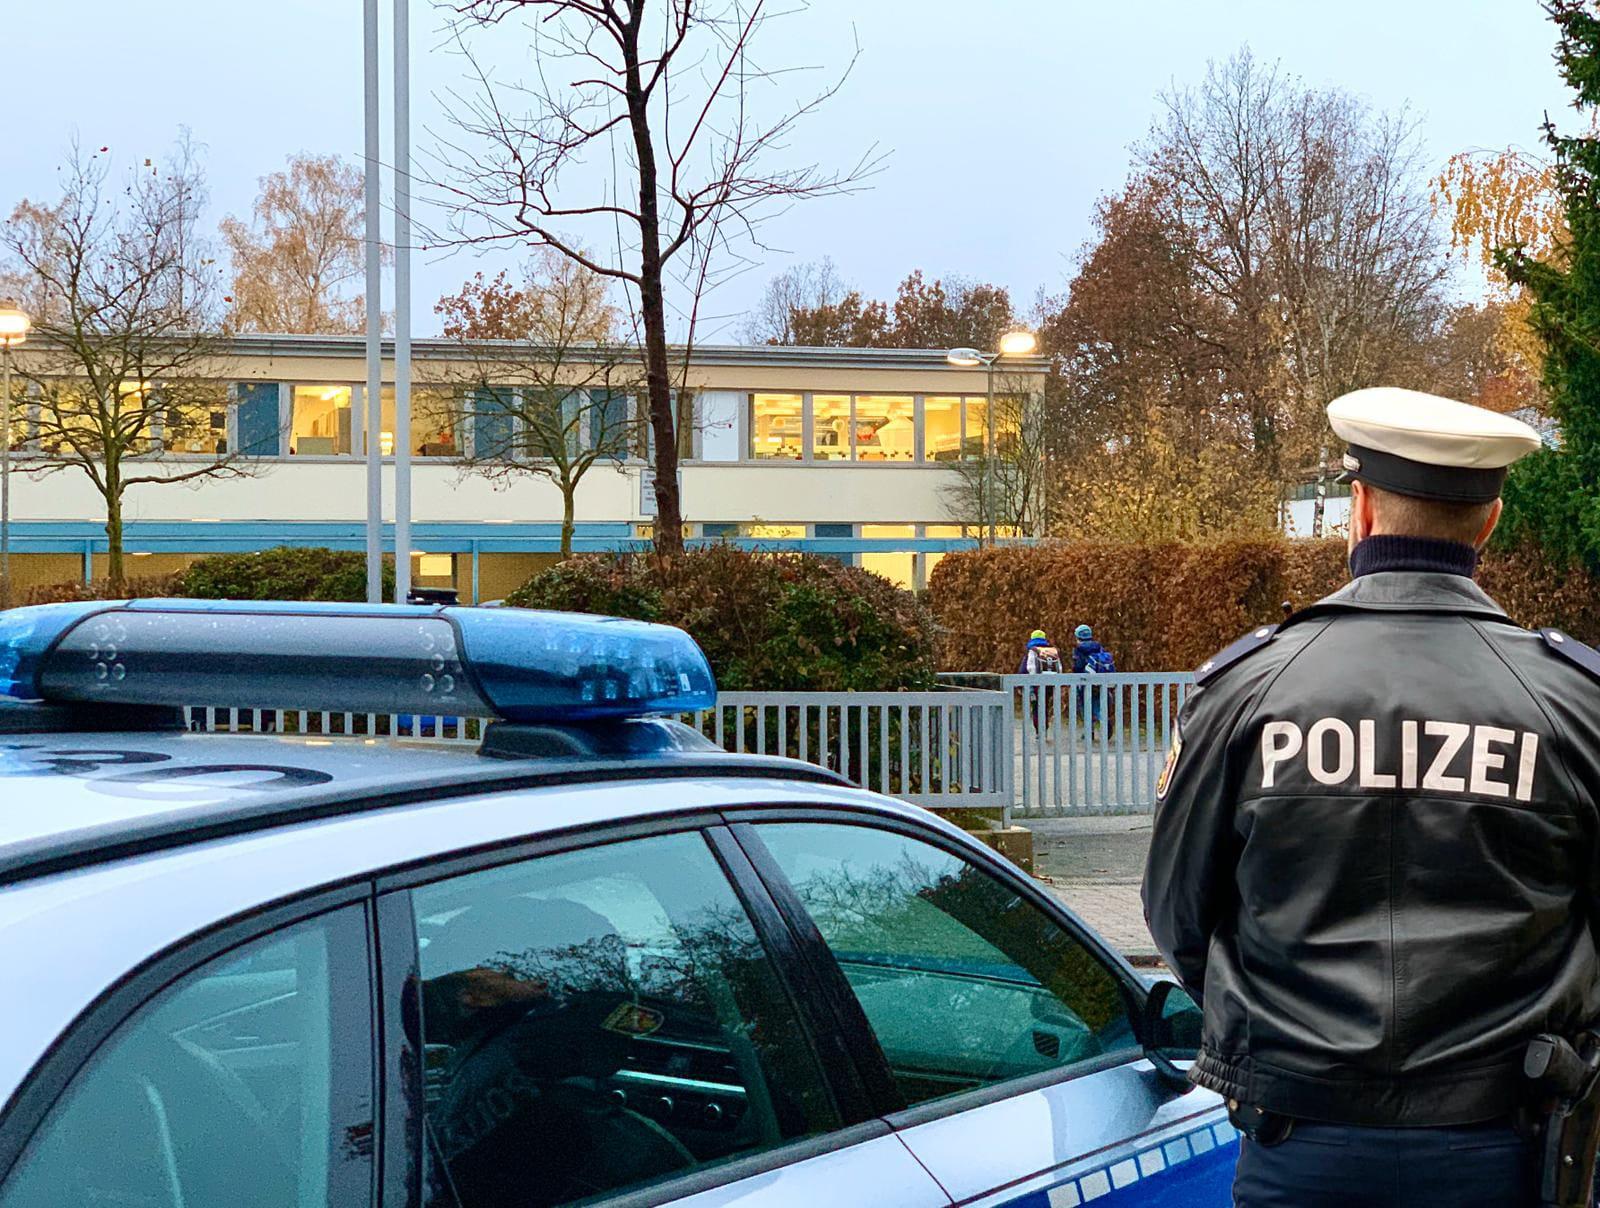 Polizei hat Schulwege im Blick